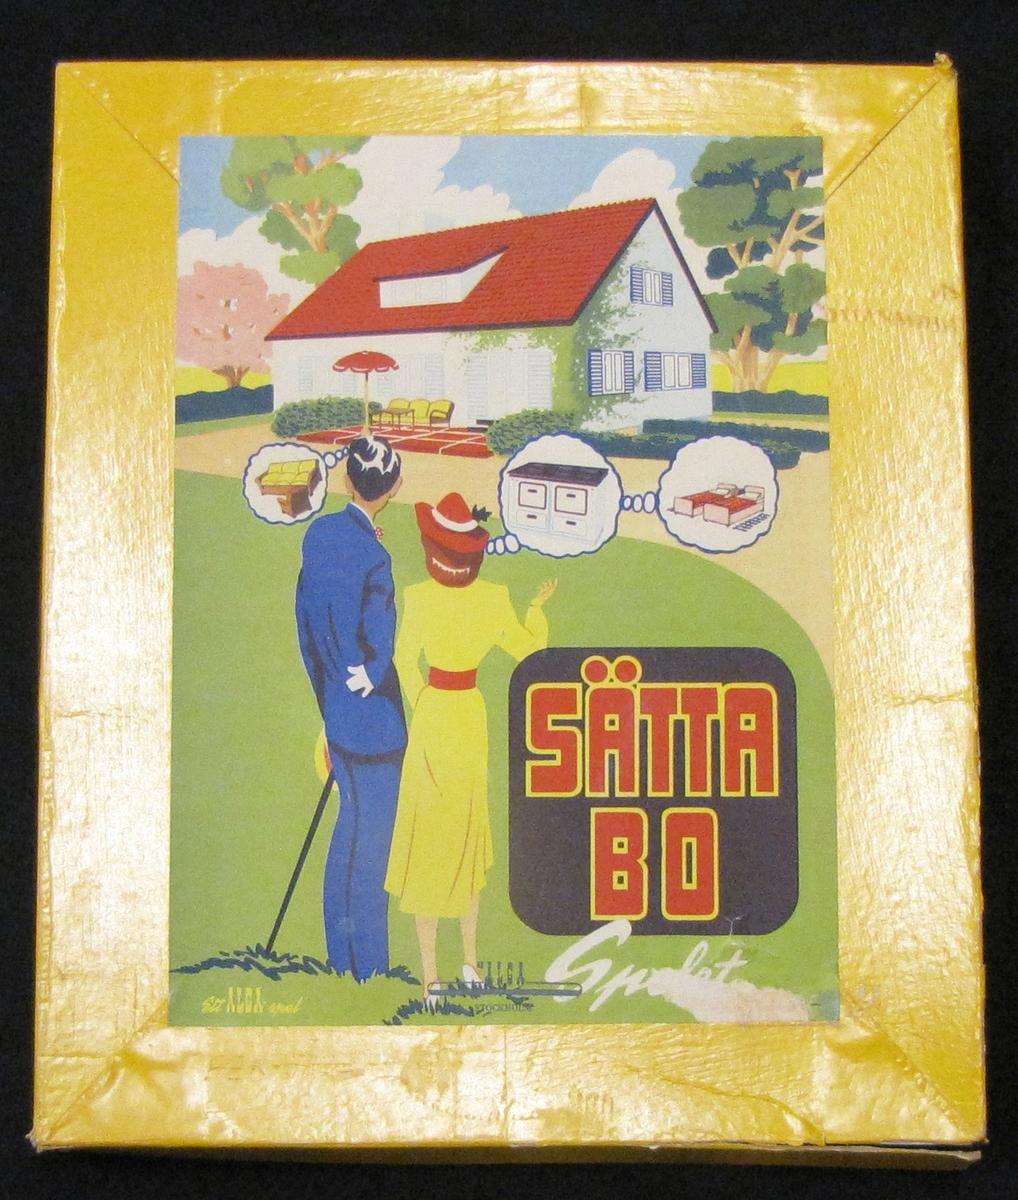 Ett spel, sällskapsspel där man ska skapa ett hem genom att ordna ekonomi och investera i hus och interiörer.